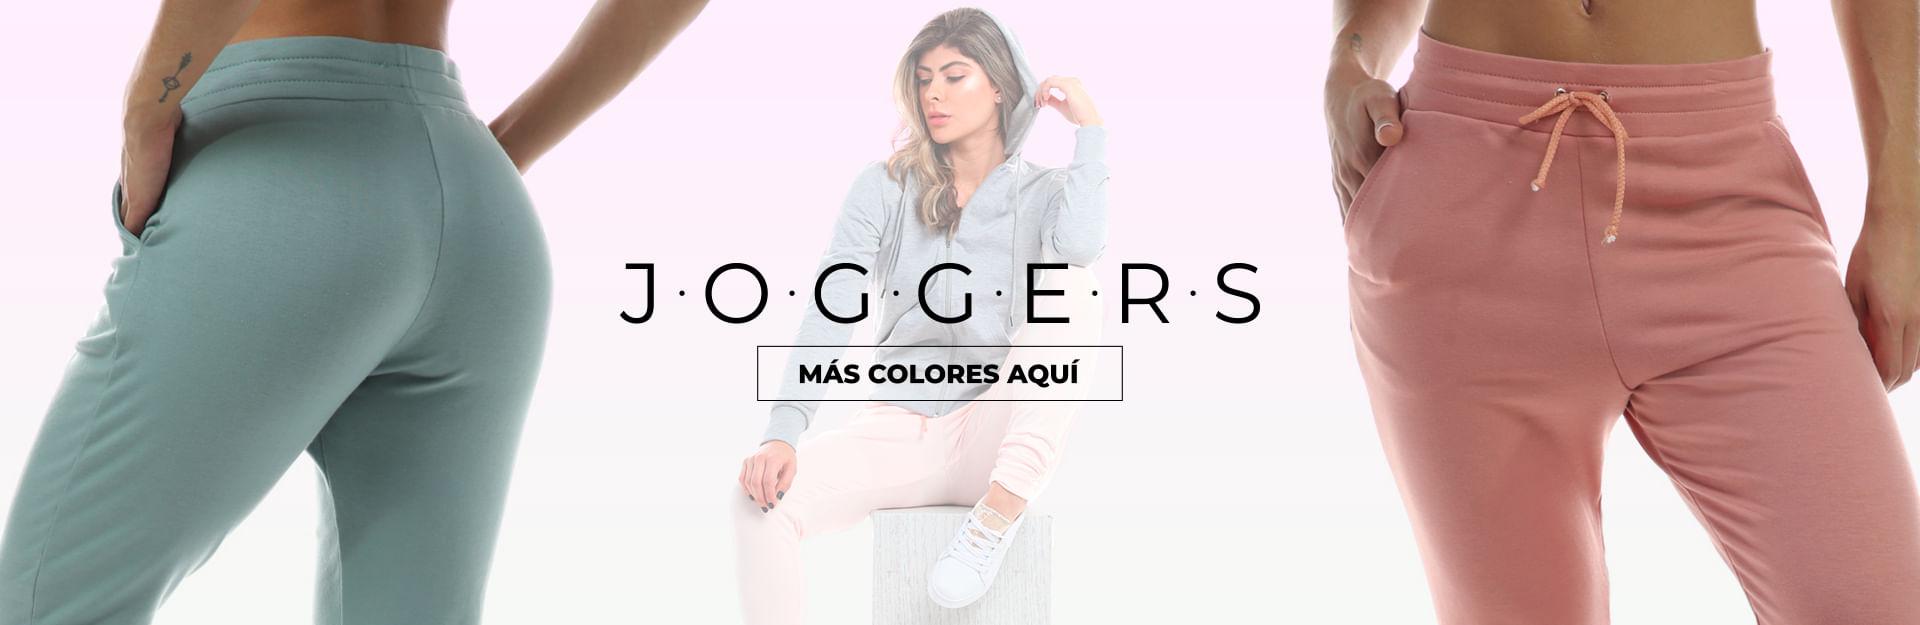 joggers de dama, tenemos variedad de estilos para lucir cómoda, fresca y a la moda